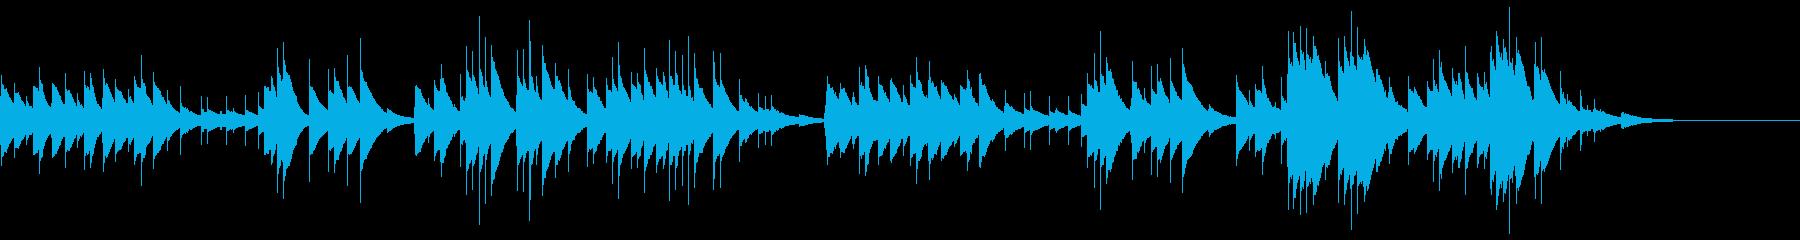 オルゴールソロによる穏やかな曲です。色…の再生済みの波形